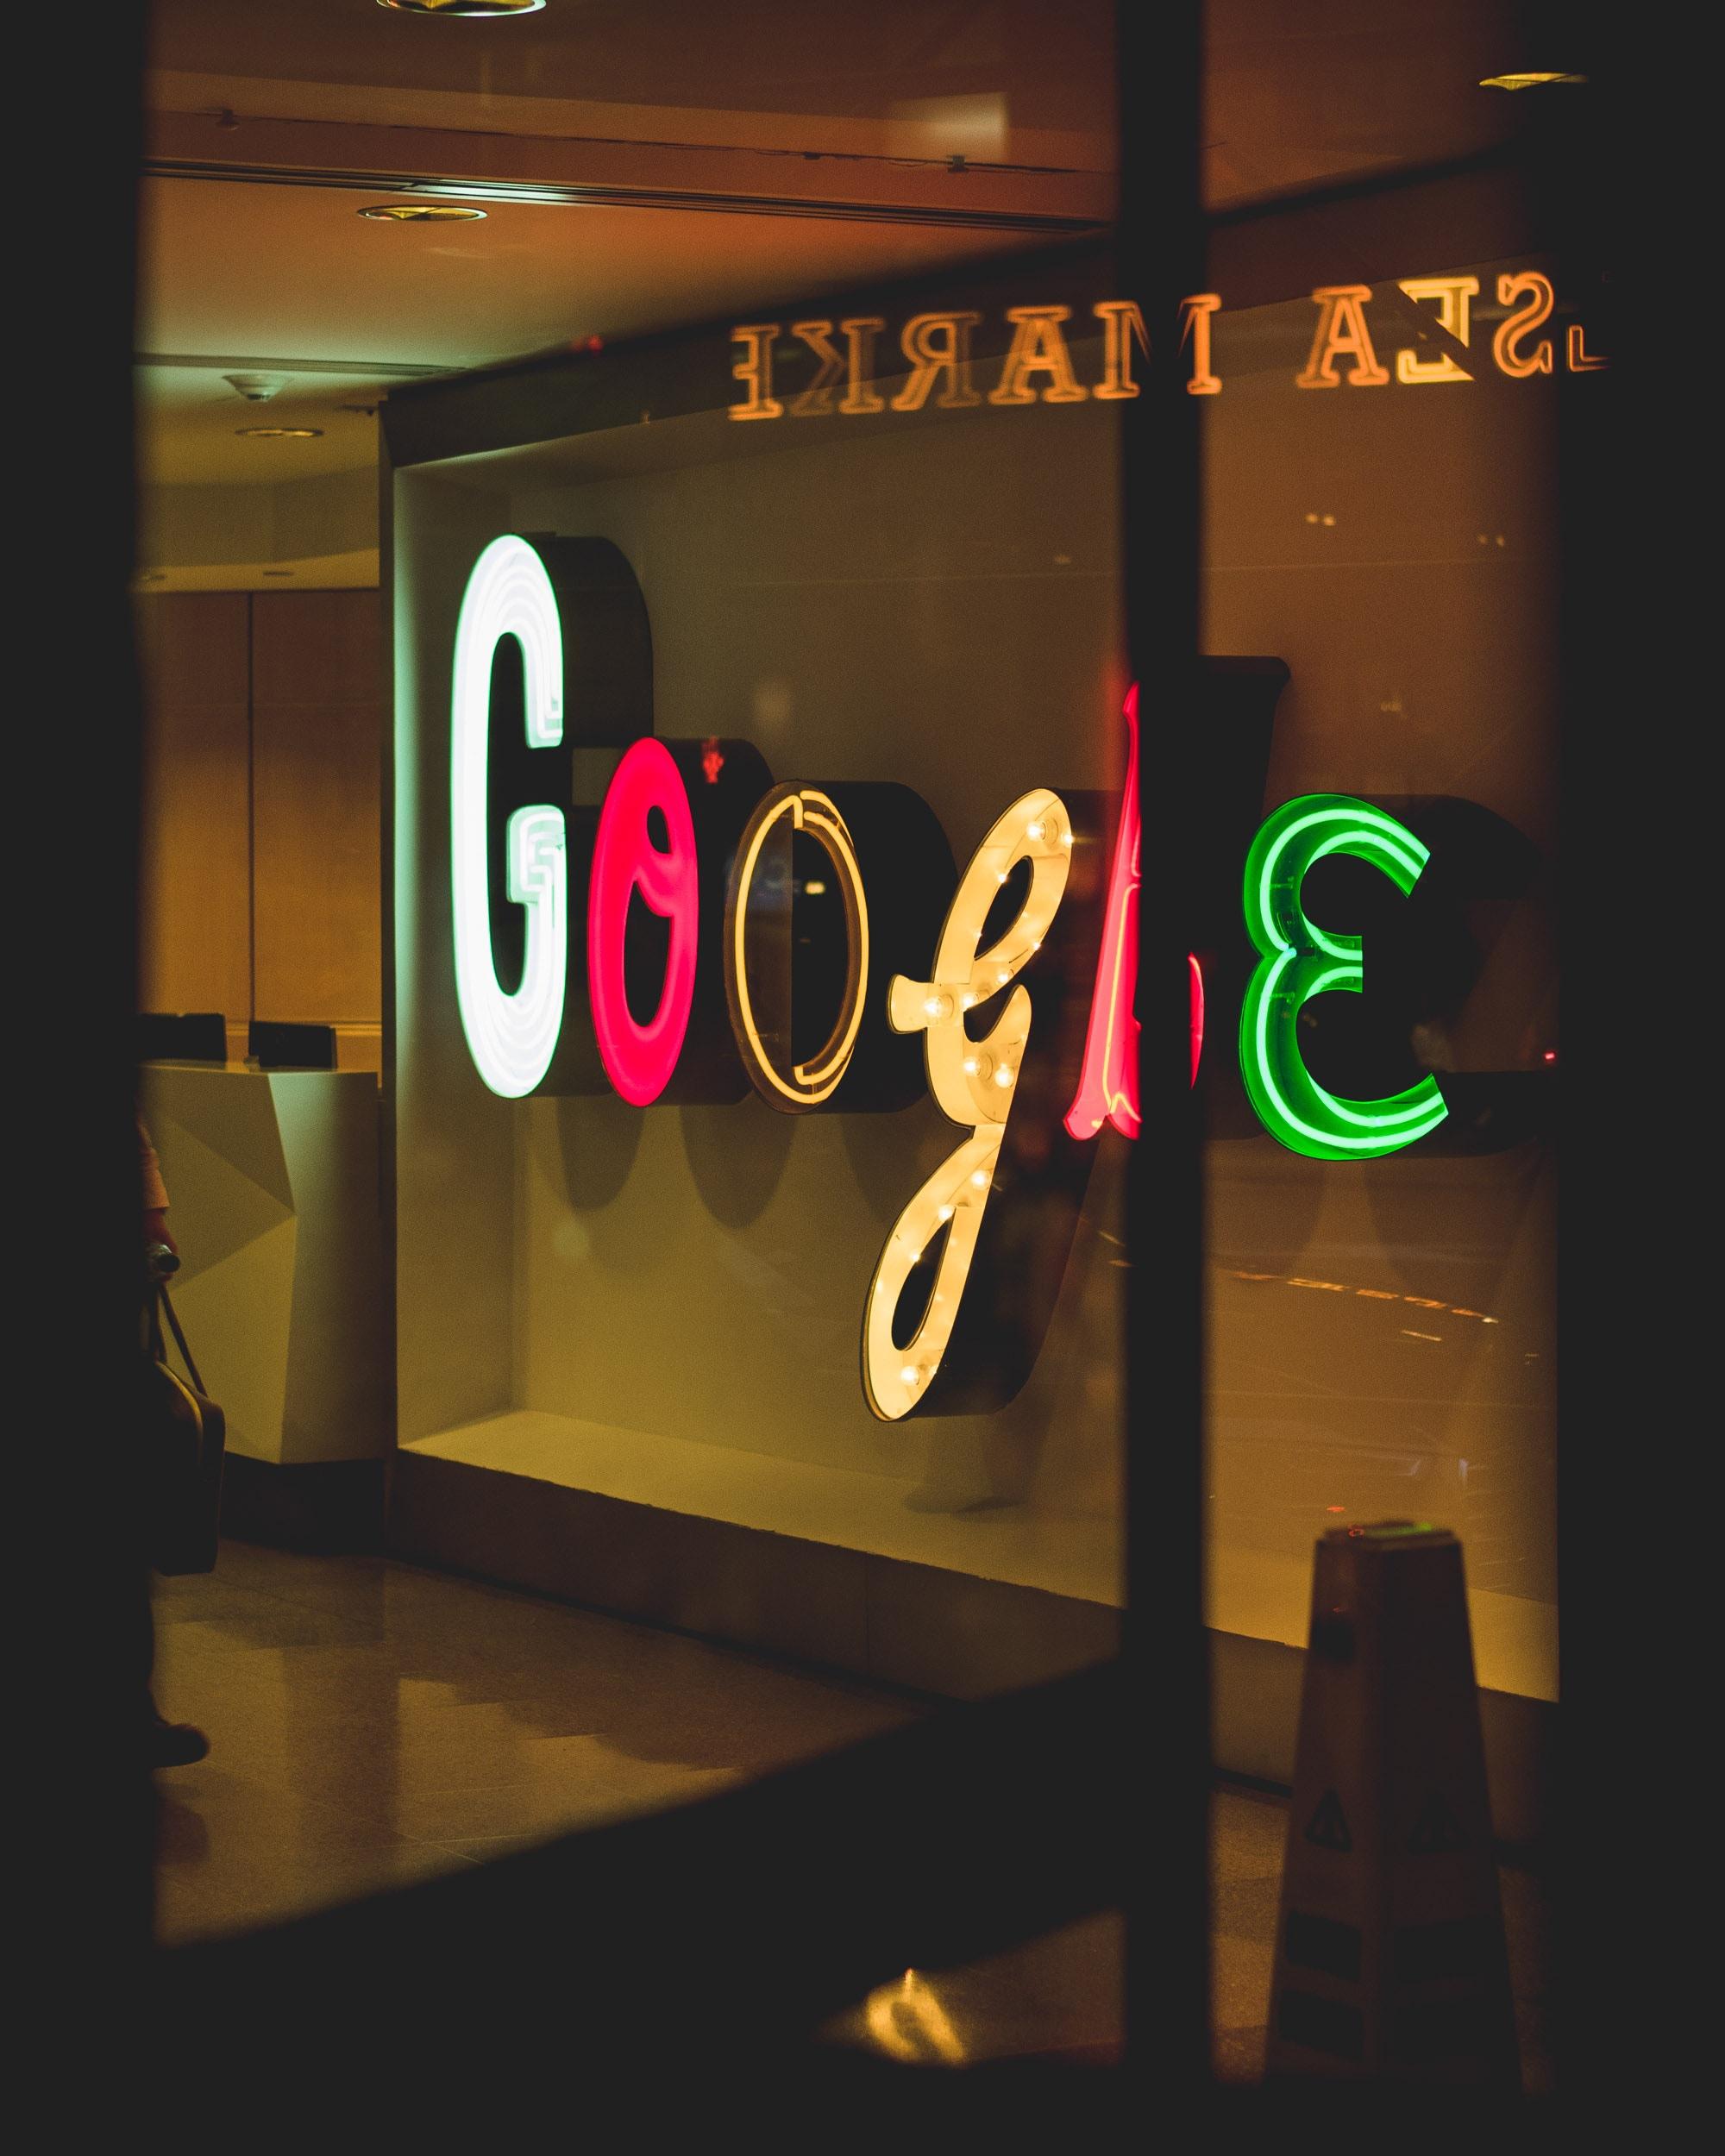 کروم لینوکس هم اکنون از گوگل درایو پشیبانی میکند!